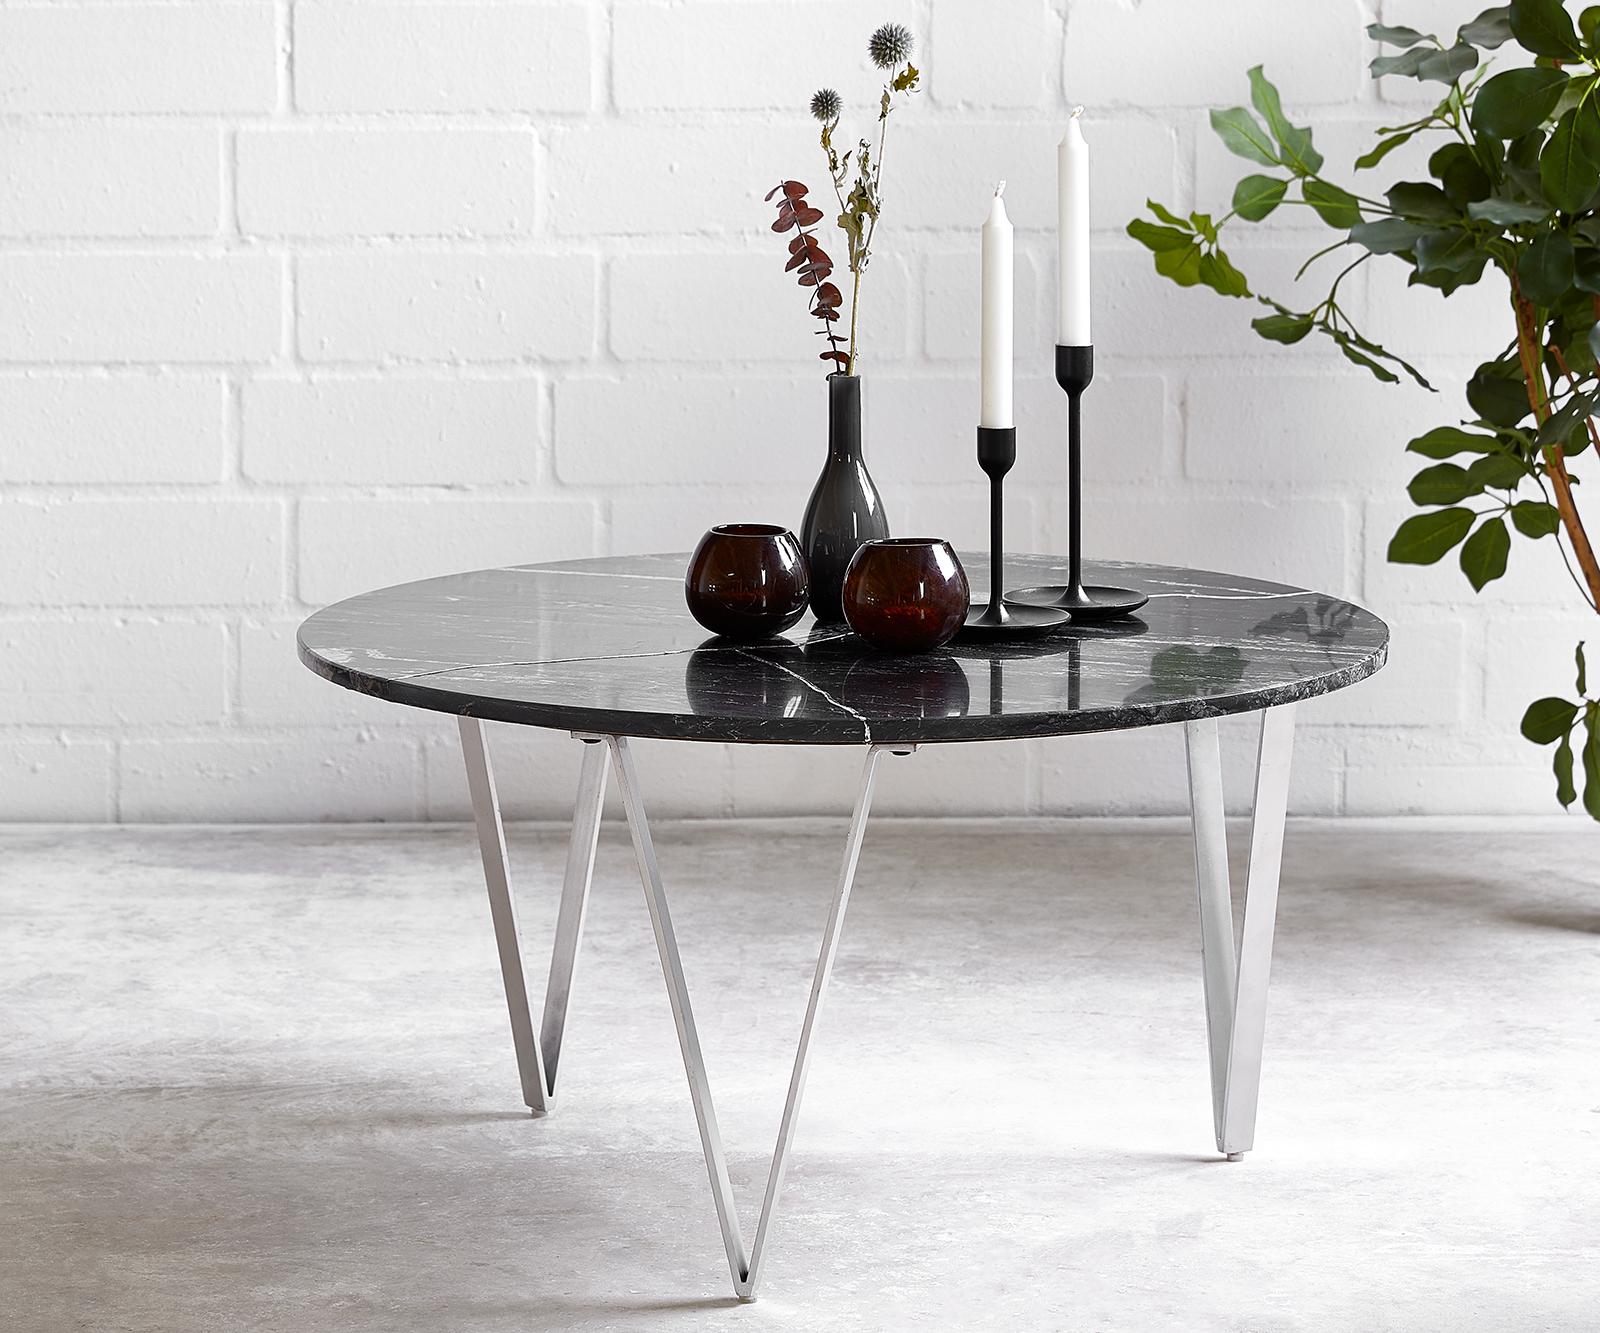 delife-couchtisch-luminoso-80x80-cm-marmor-schwarz-mit-metallgestell-couchtische